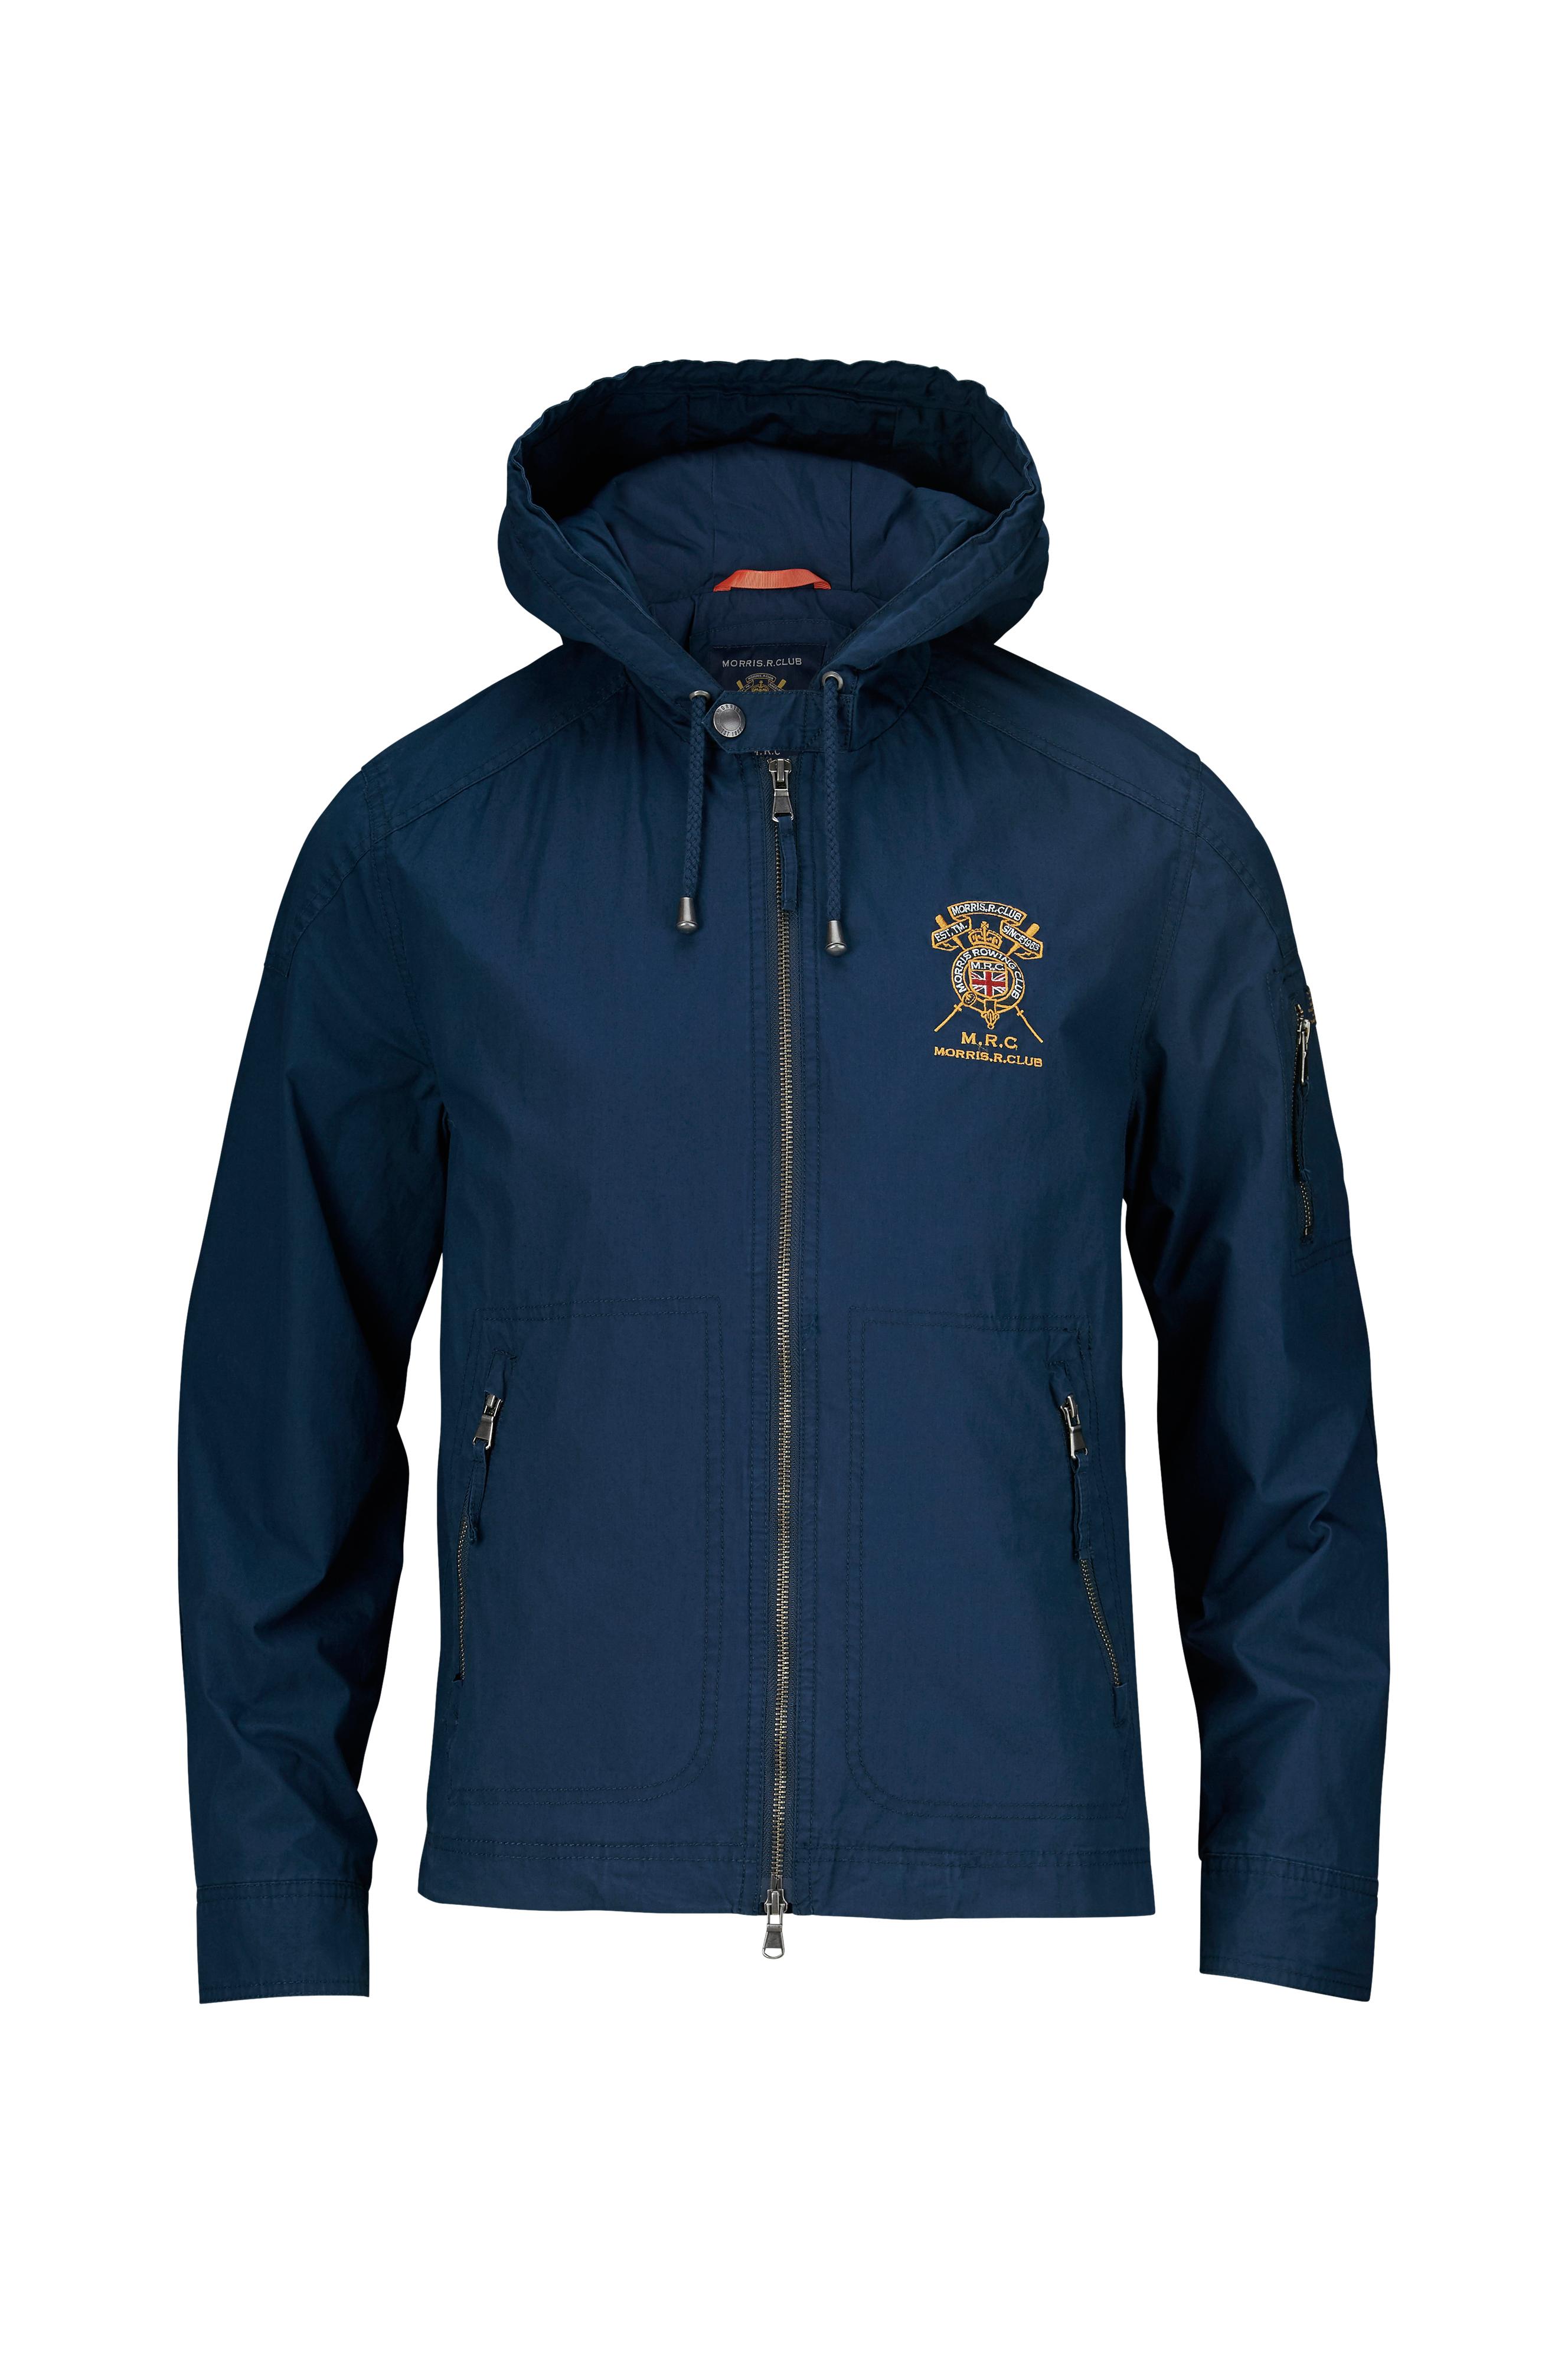 Morris Jacka Mortlake Hooded Jacket Blå Jackor & rockar